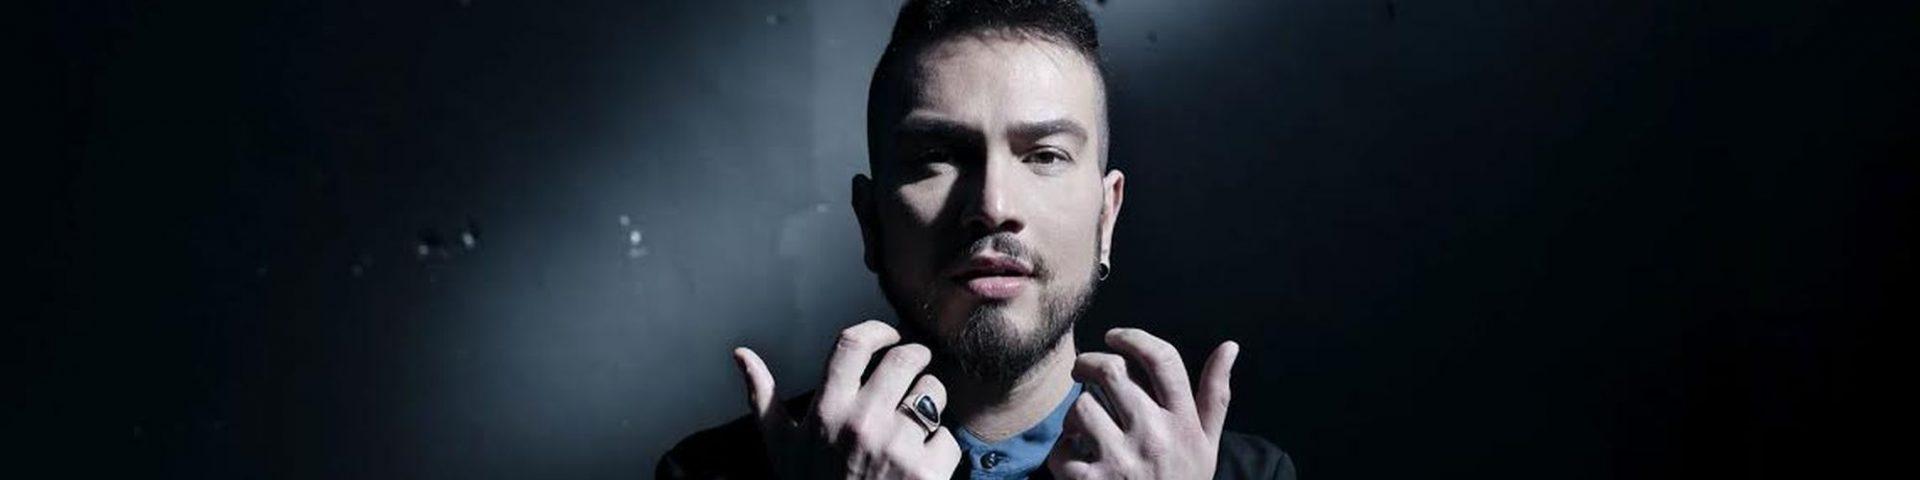 Antonino Spadaccino a X Factor UK: una rivincita per l'ex stella di Amici? - Video